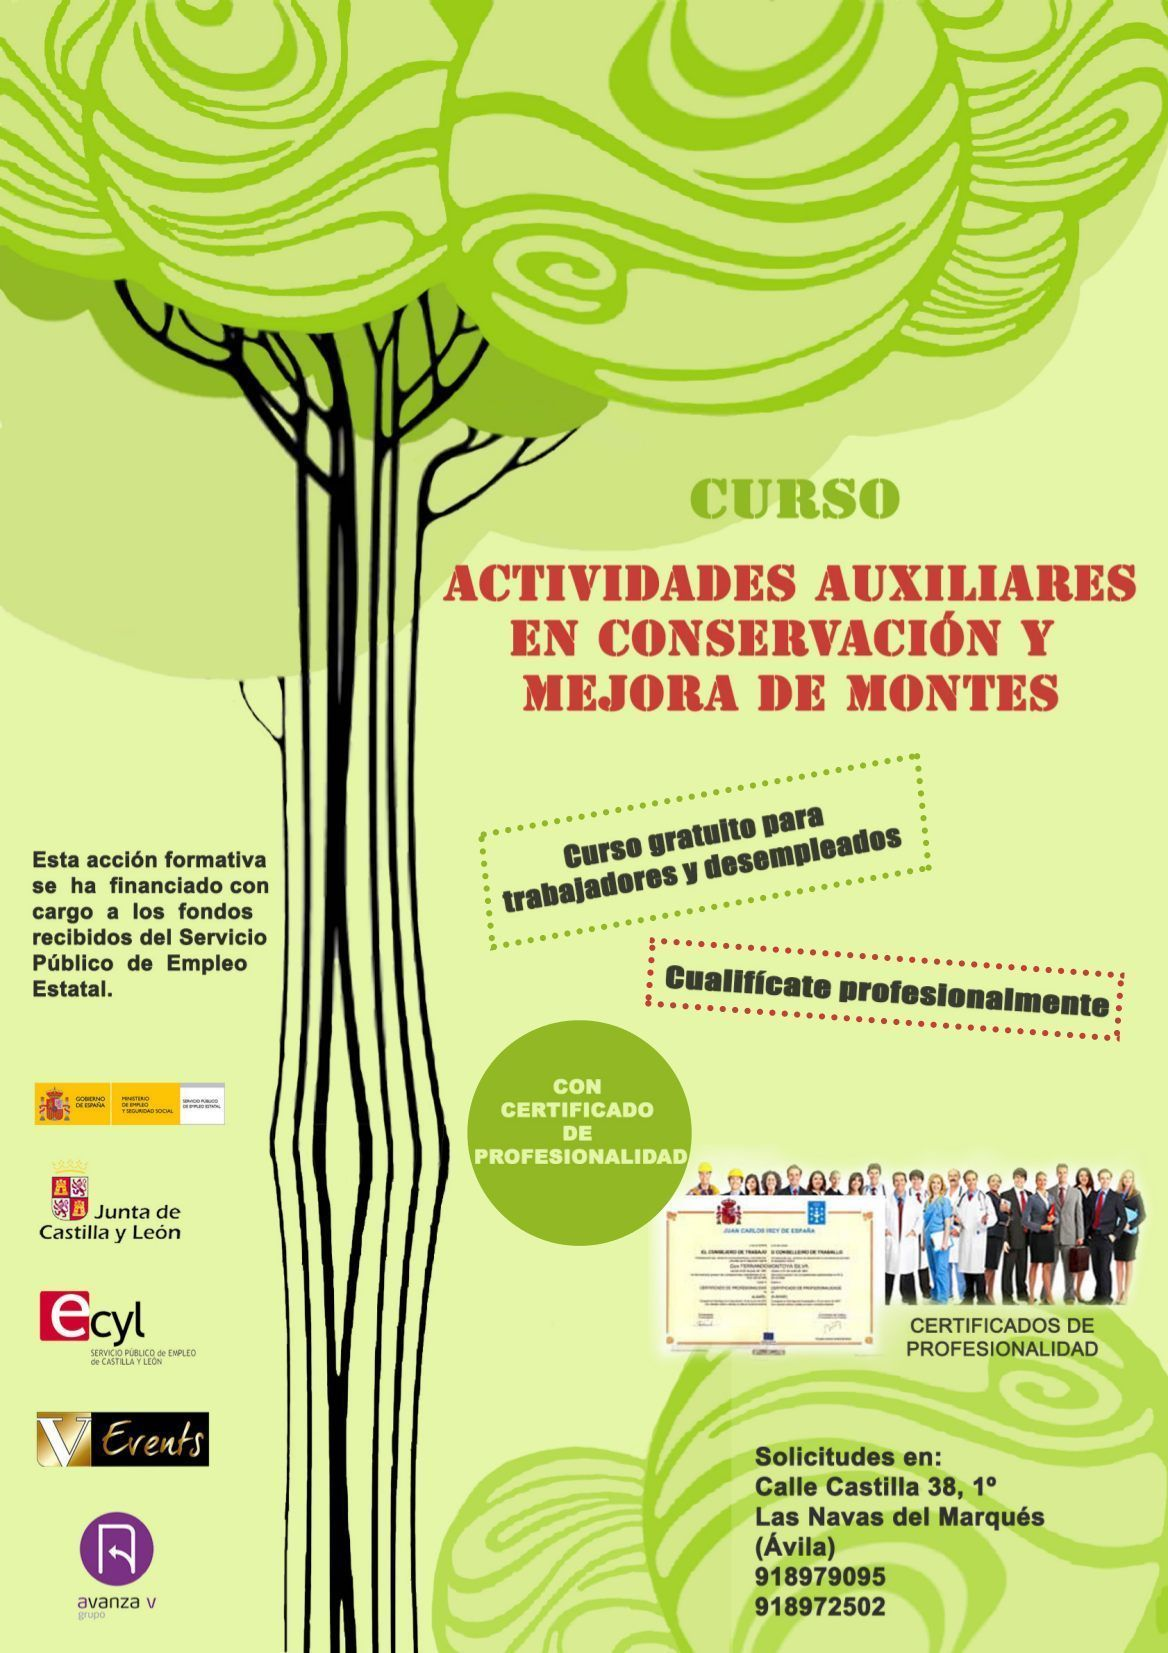 Curso de Actividades auxiliares en conservación y mejora de montes